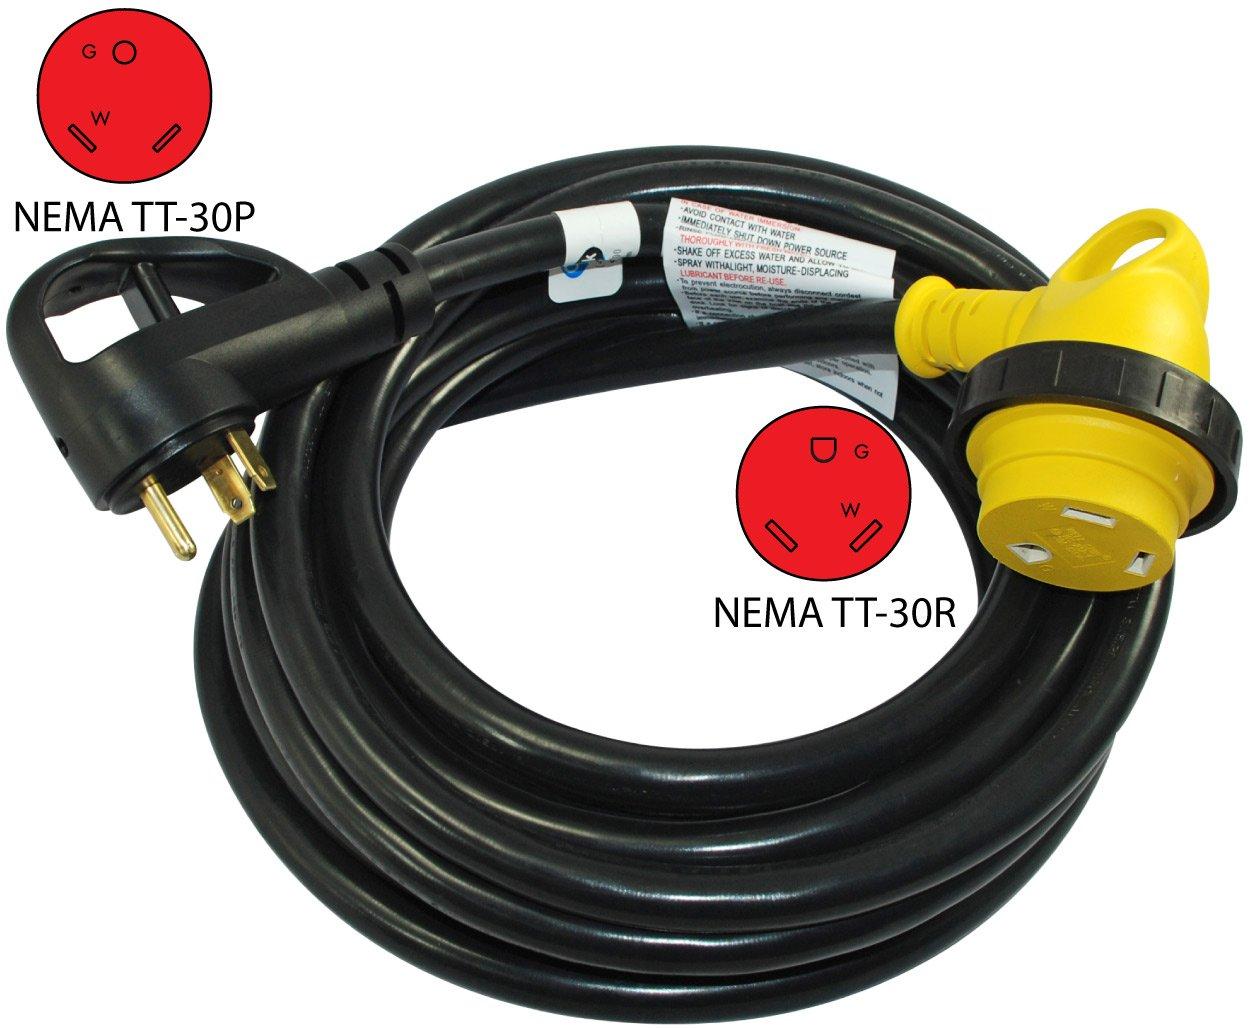 Conntek Cruiser RV 30A Detachable Power Supply Cord, 25-Feet by Conntek (Image #2)